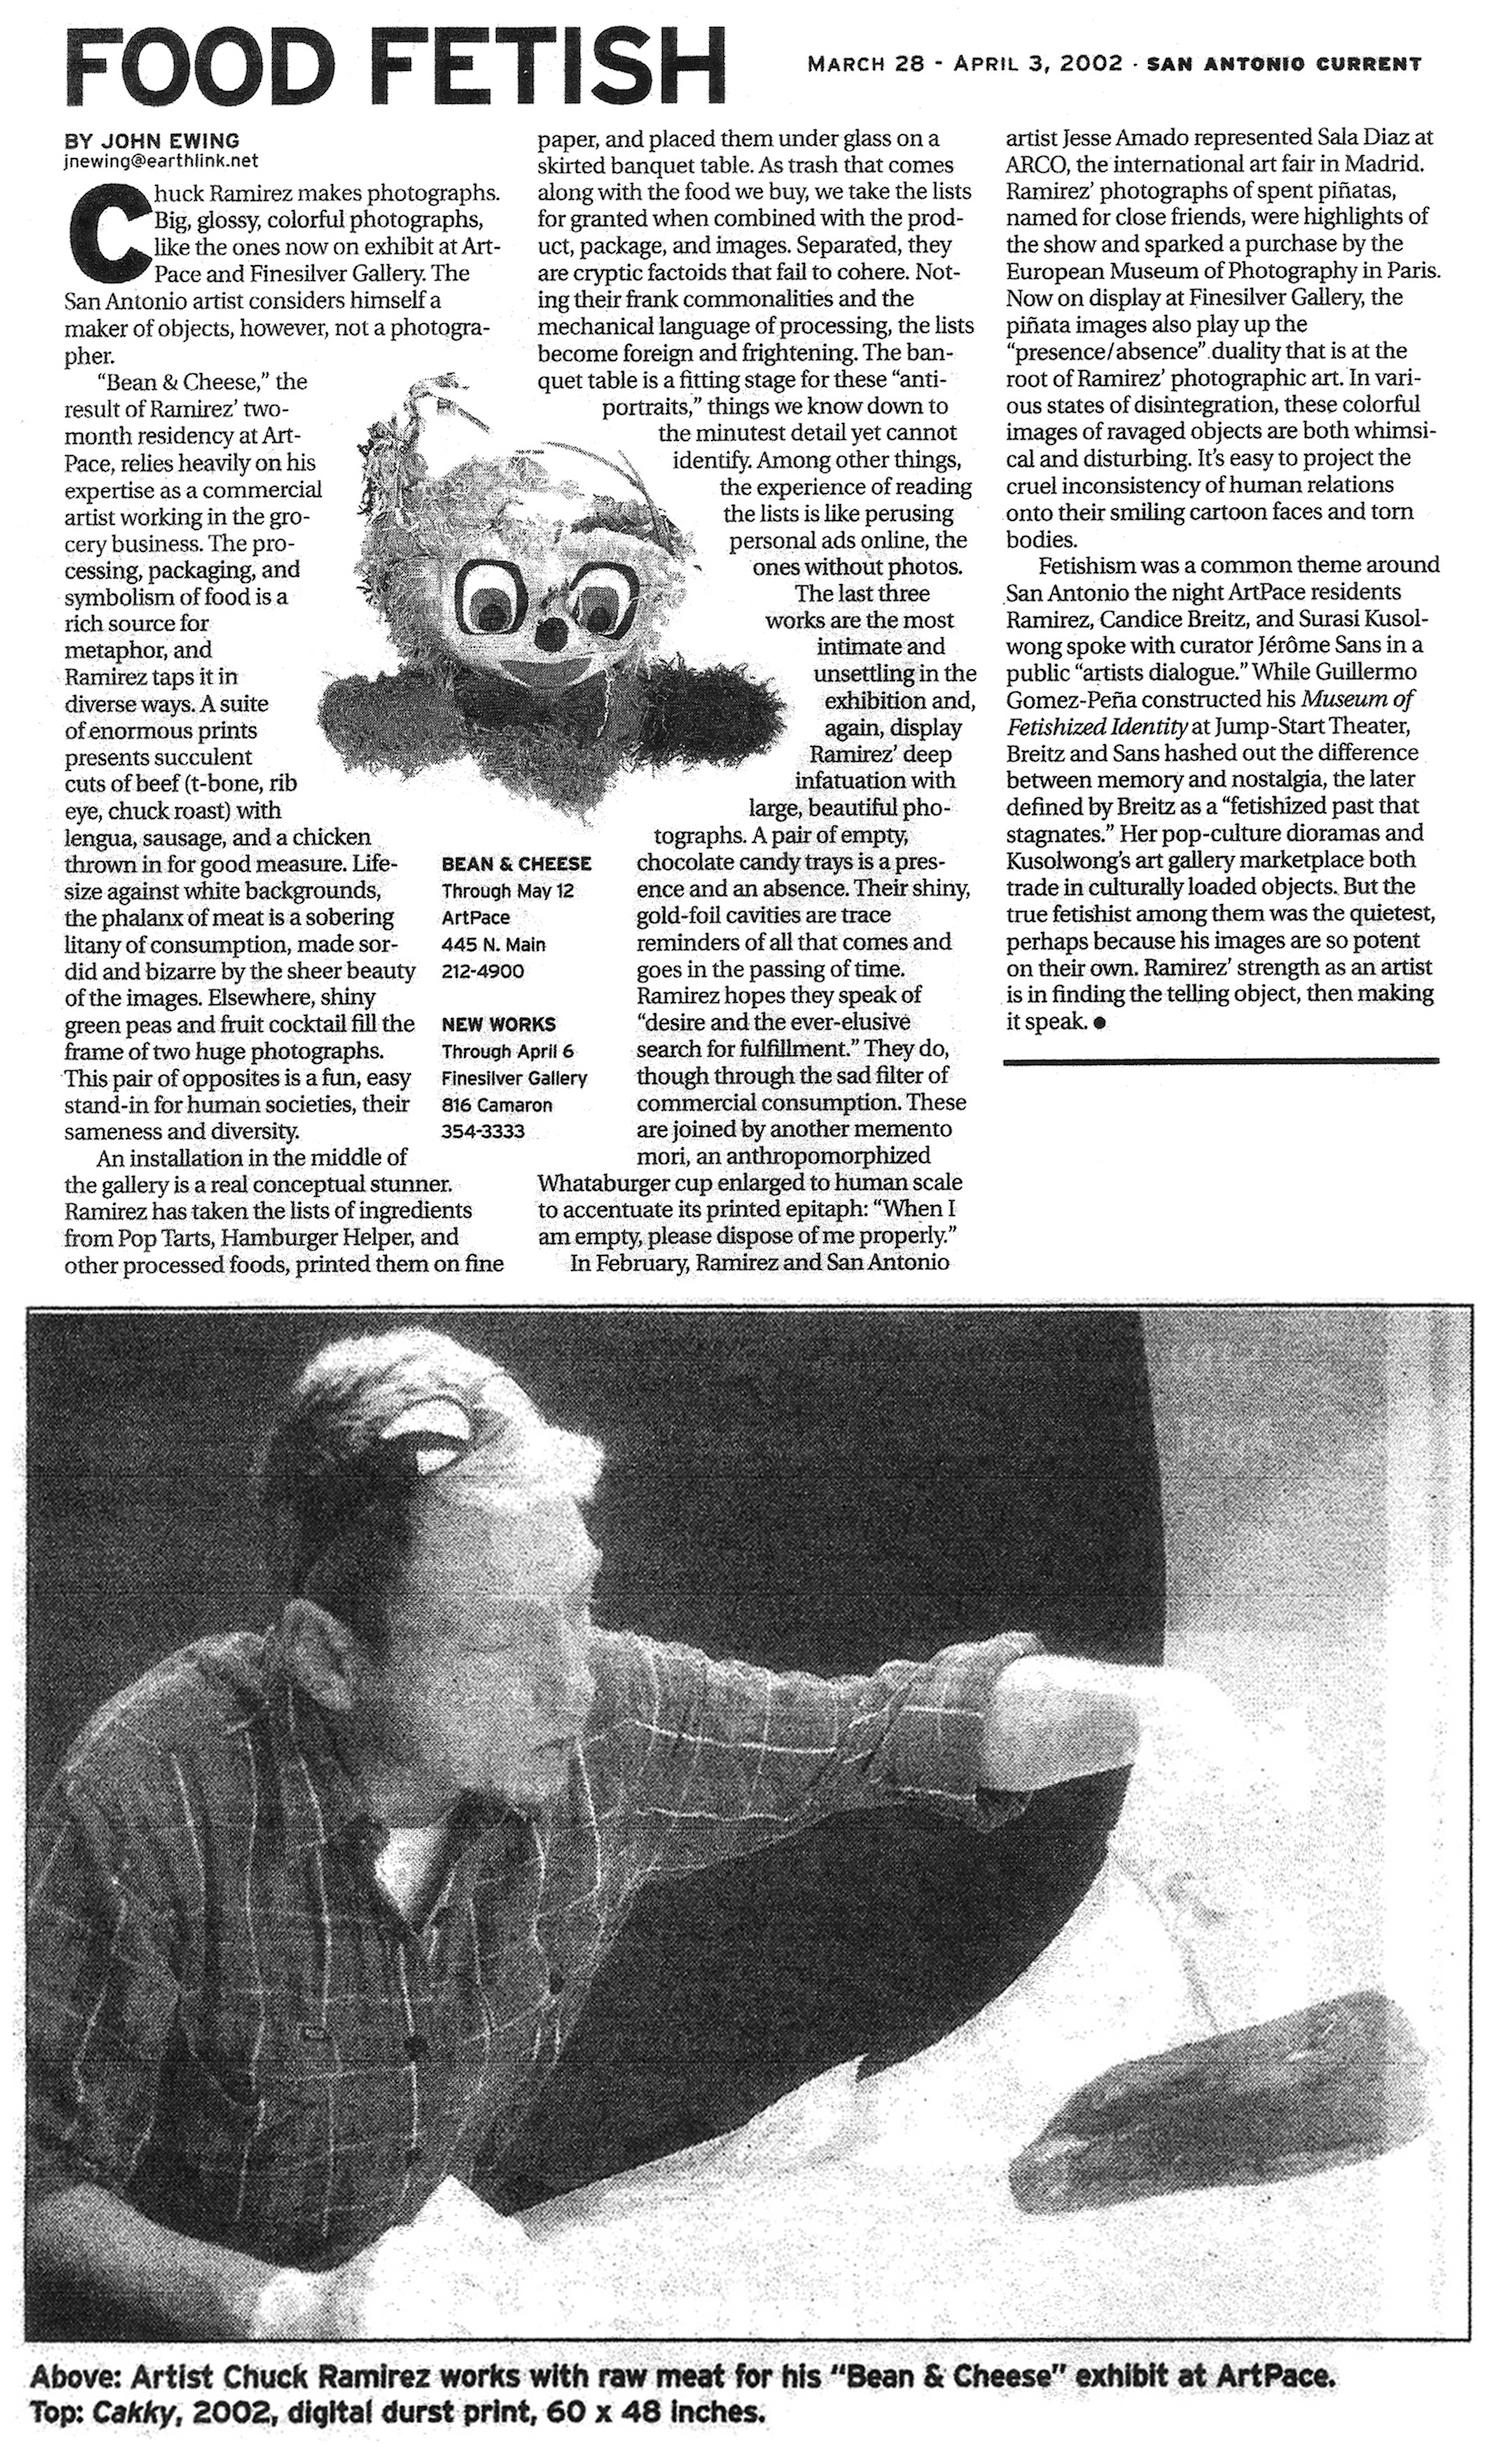 SC_2002_March 28-April 3_Chuck Ramirez_Artpace